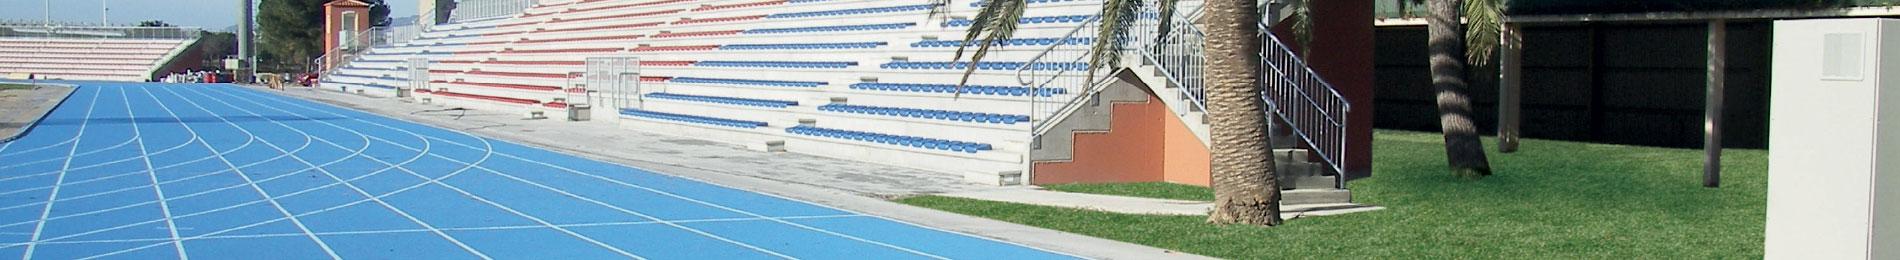 tipiesse-progettazione-e-realizzazione-impianti-sportivi-per-l-atletica